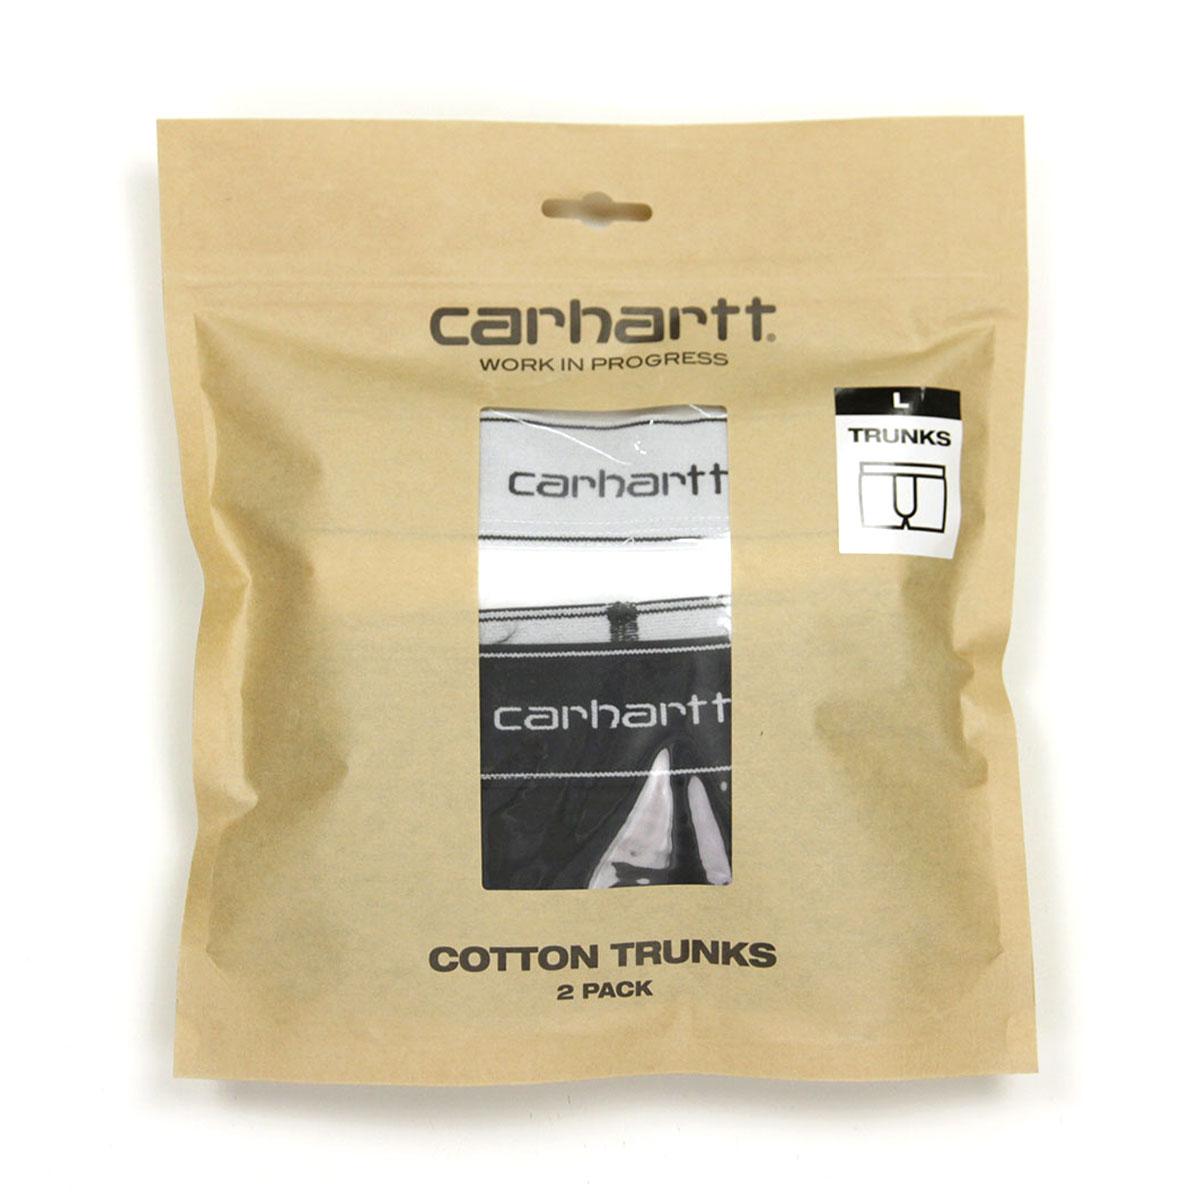 カーハート ボクサーパンツ メンズ 正規販売店 CARHARTT WIP アンダーウェア 下着 ボクサーパンツ2枚組 COTTON TRUNKS 2 PACK BLACK + WHITE I029375 89 AB0B B1C C7D D2E E13F